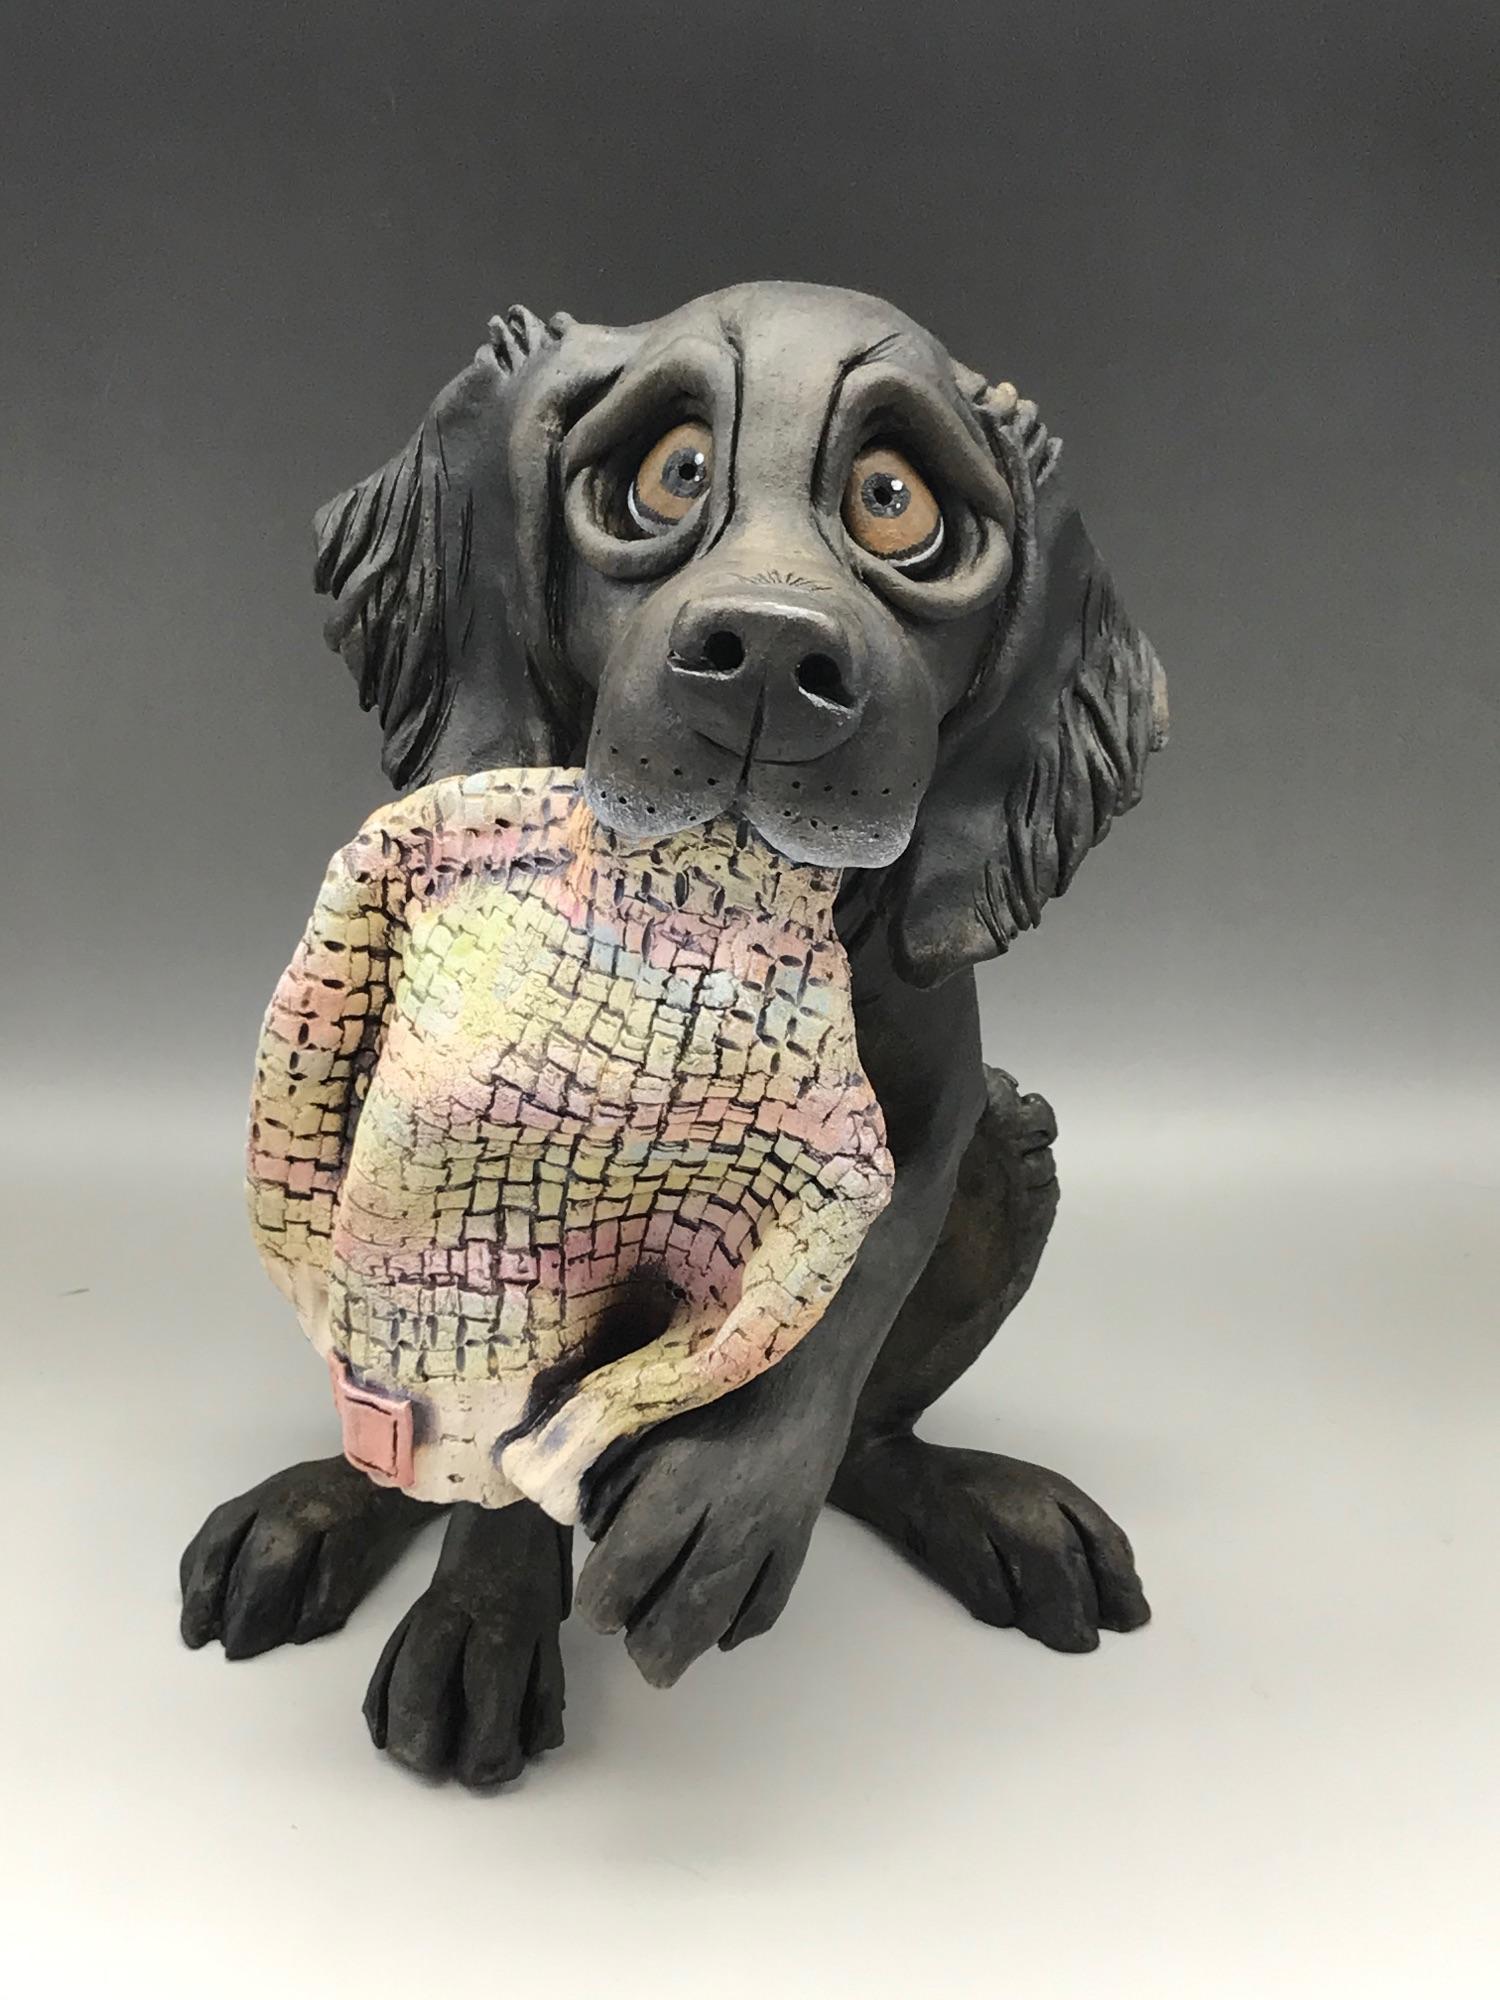 Custom Pet Sculpture, ceramic